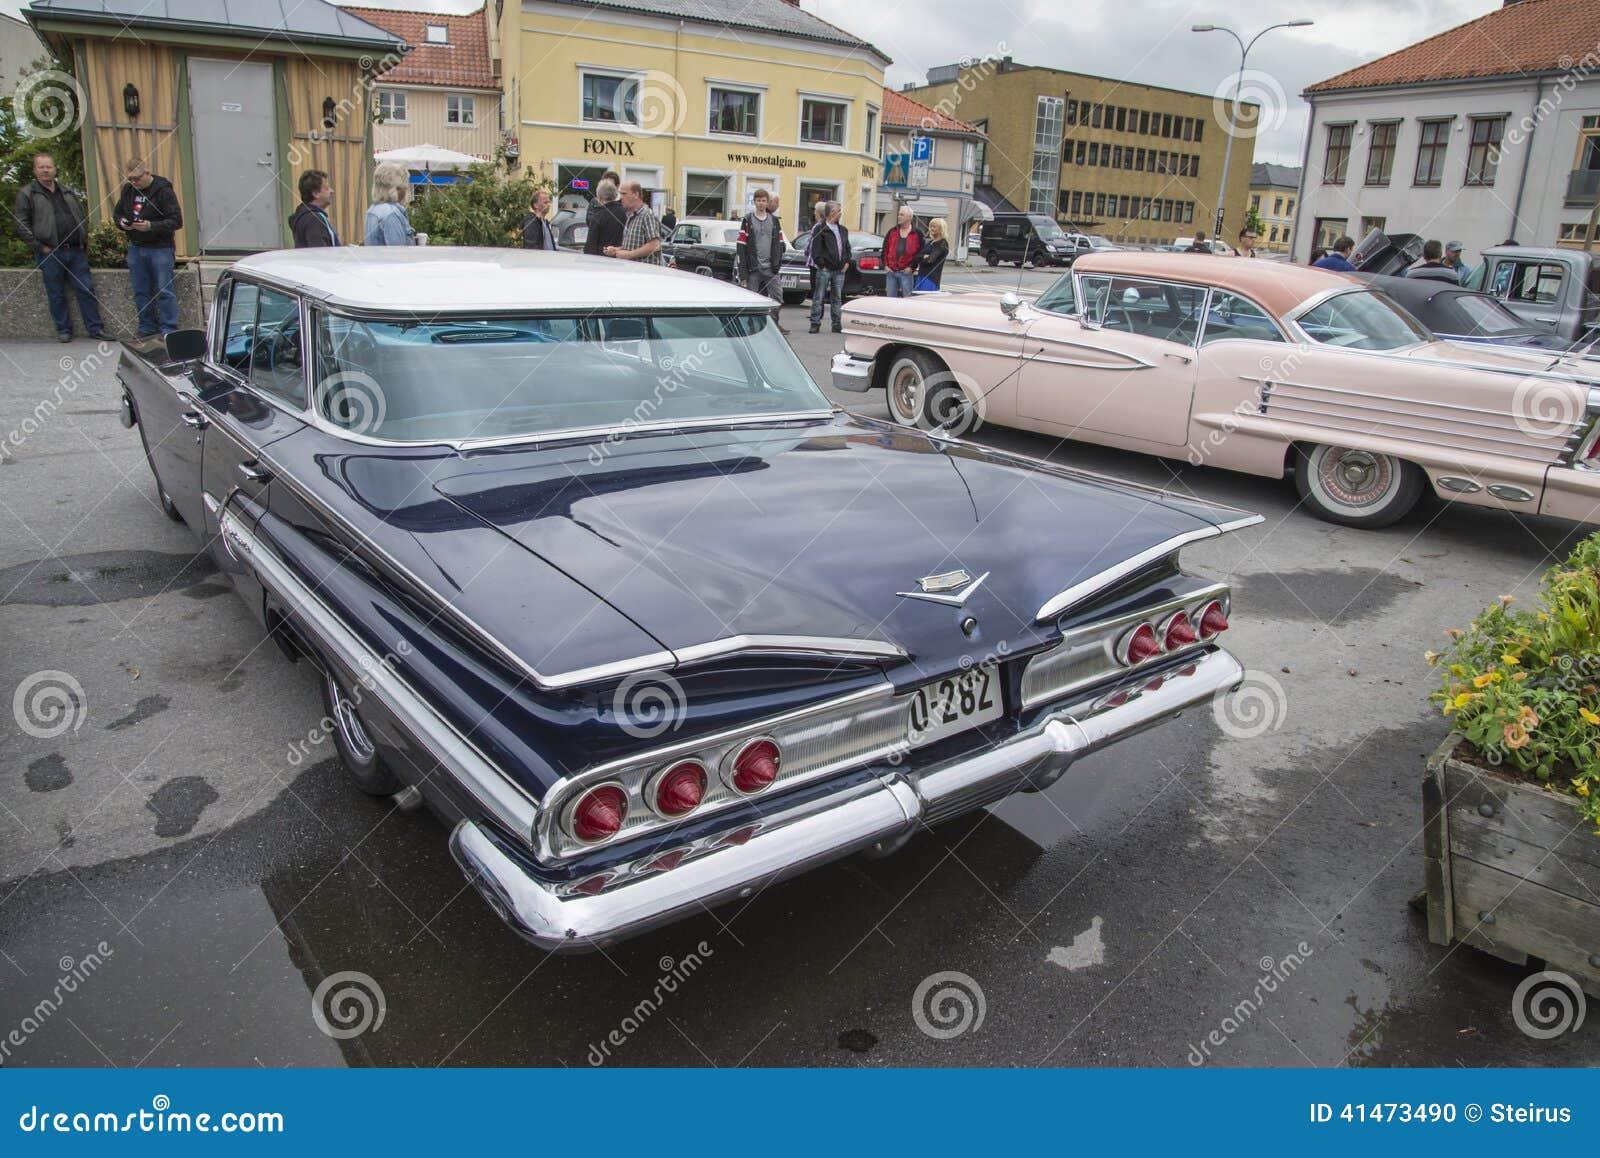 1960 Chevrolet Impala 4 Door Hardtop Sedan Editorial Image Image